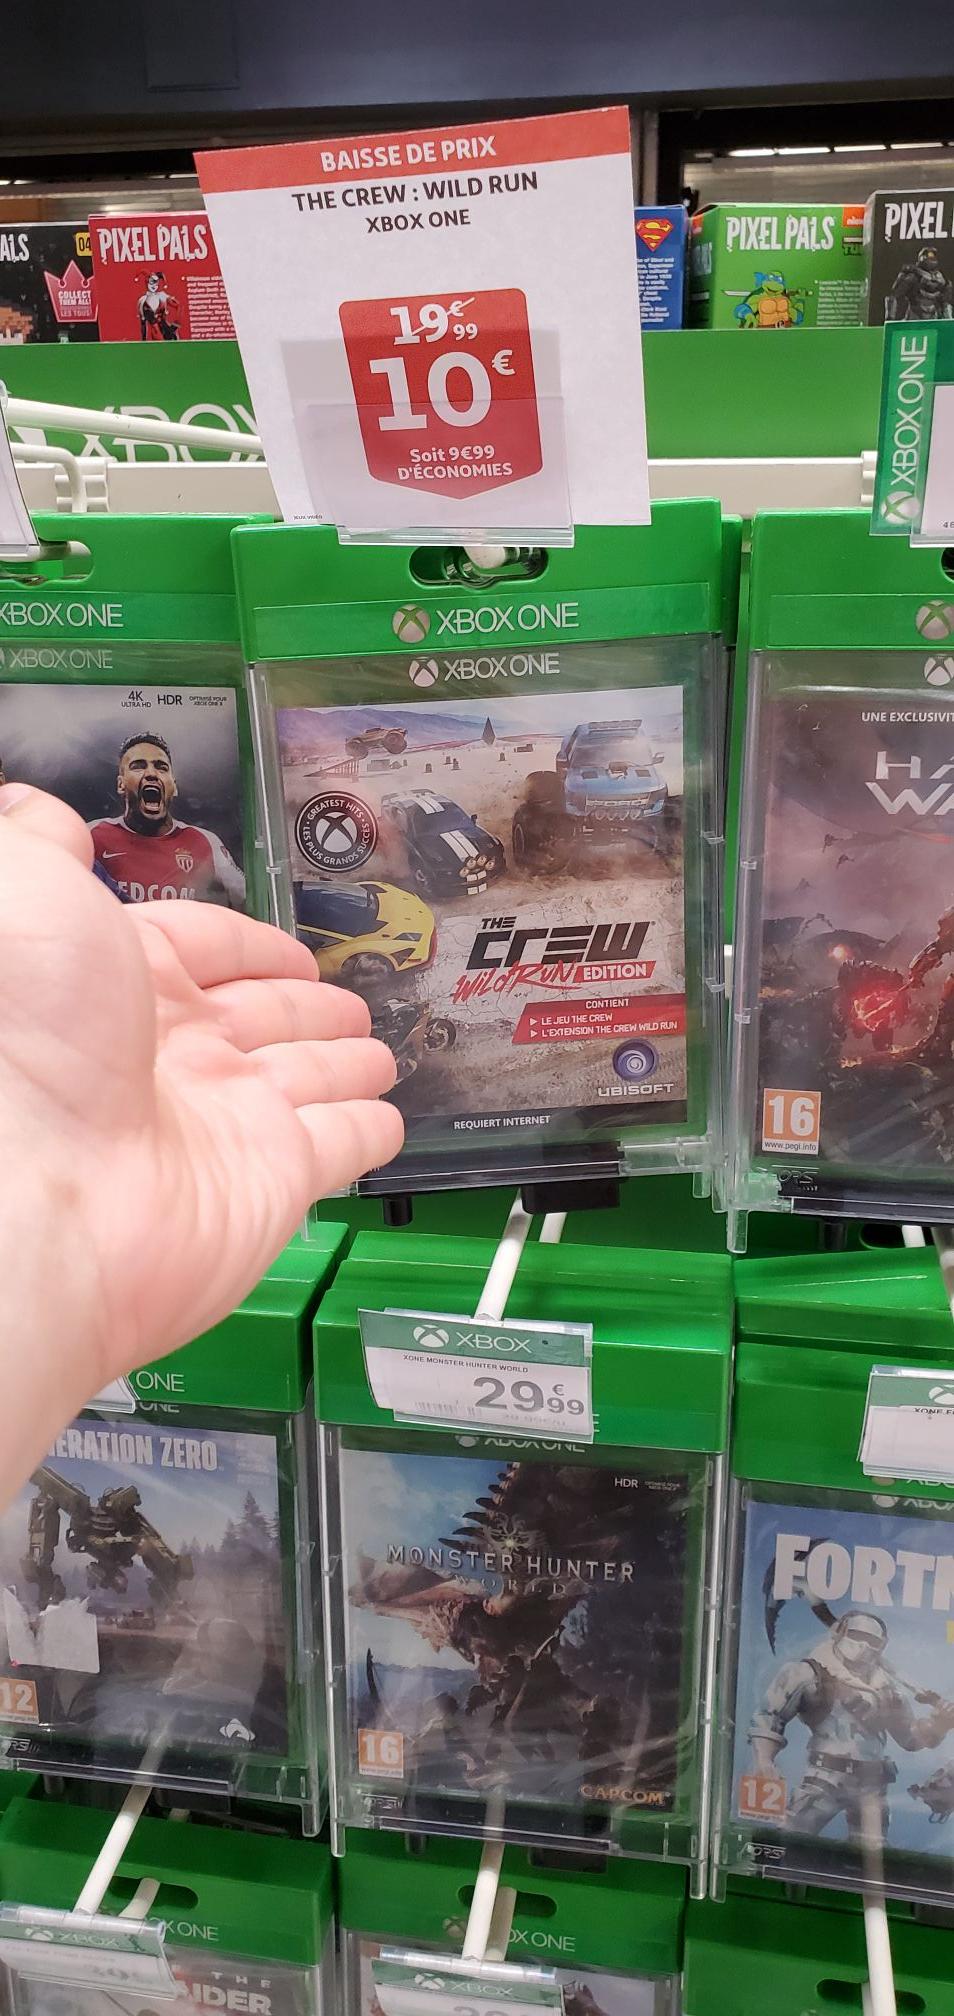 The Crew - Édition Wild Run sur Xbox One - Caluire-et-Cuire (69)